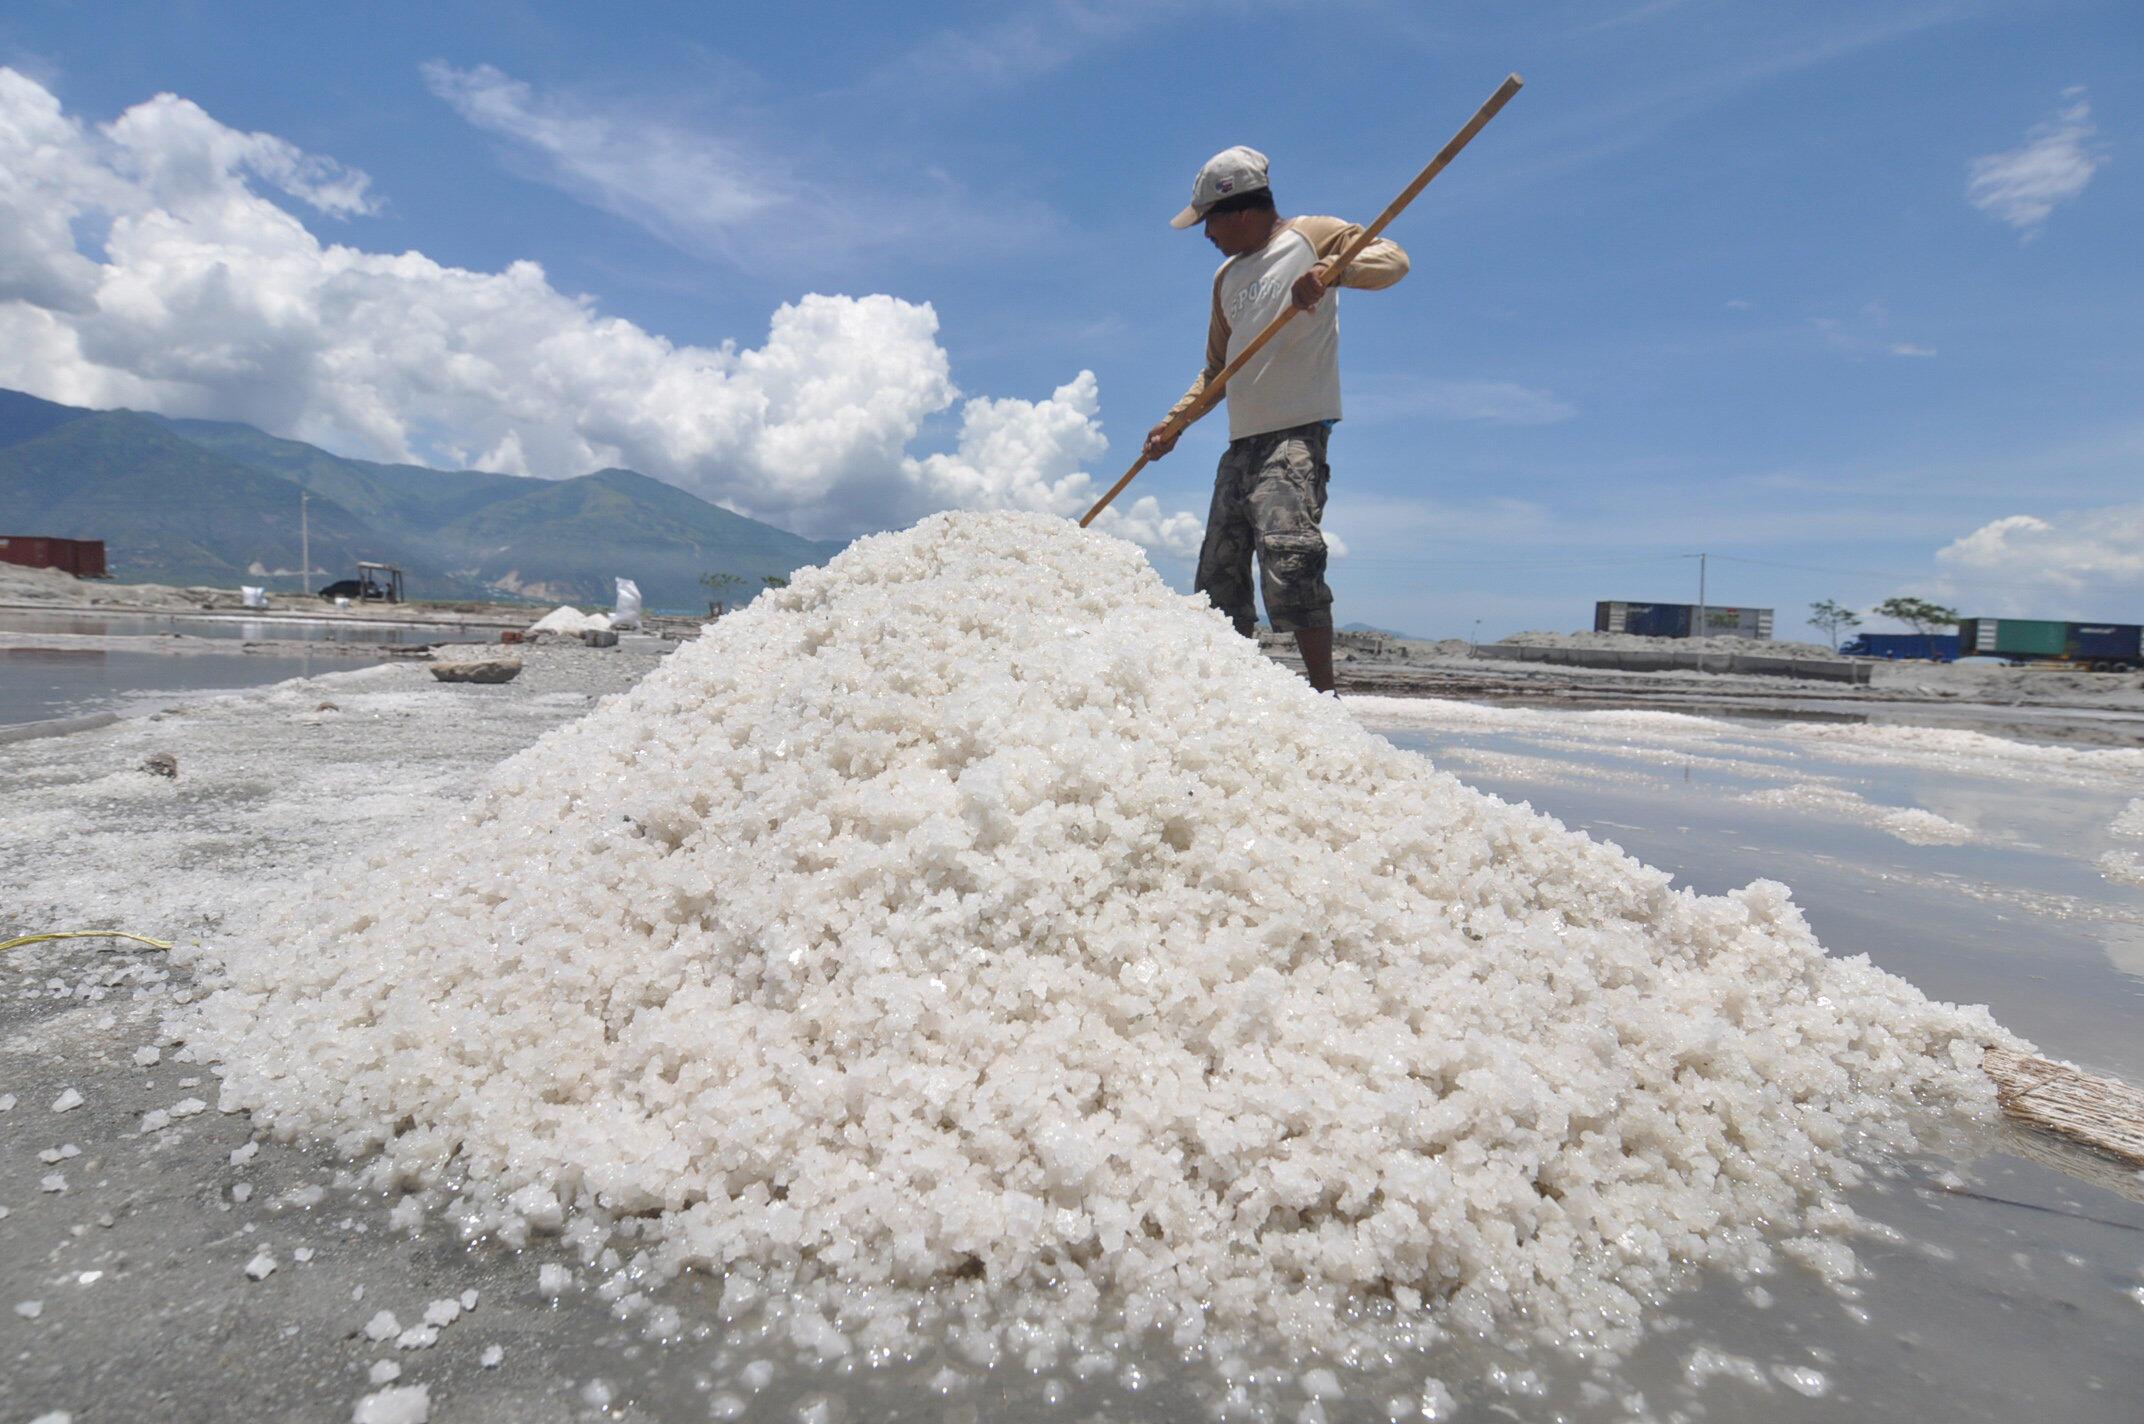 En Indonésie, la production locale de sel est restée très artisanale et elle est soumise aux aléas climatiques. Photo : Village de Talise, le 10 mars 2018.